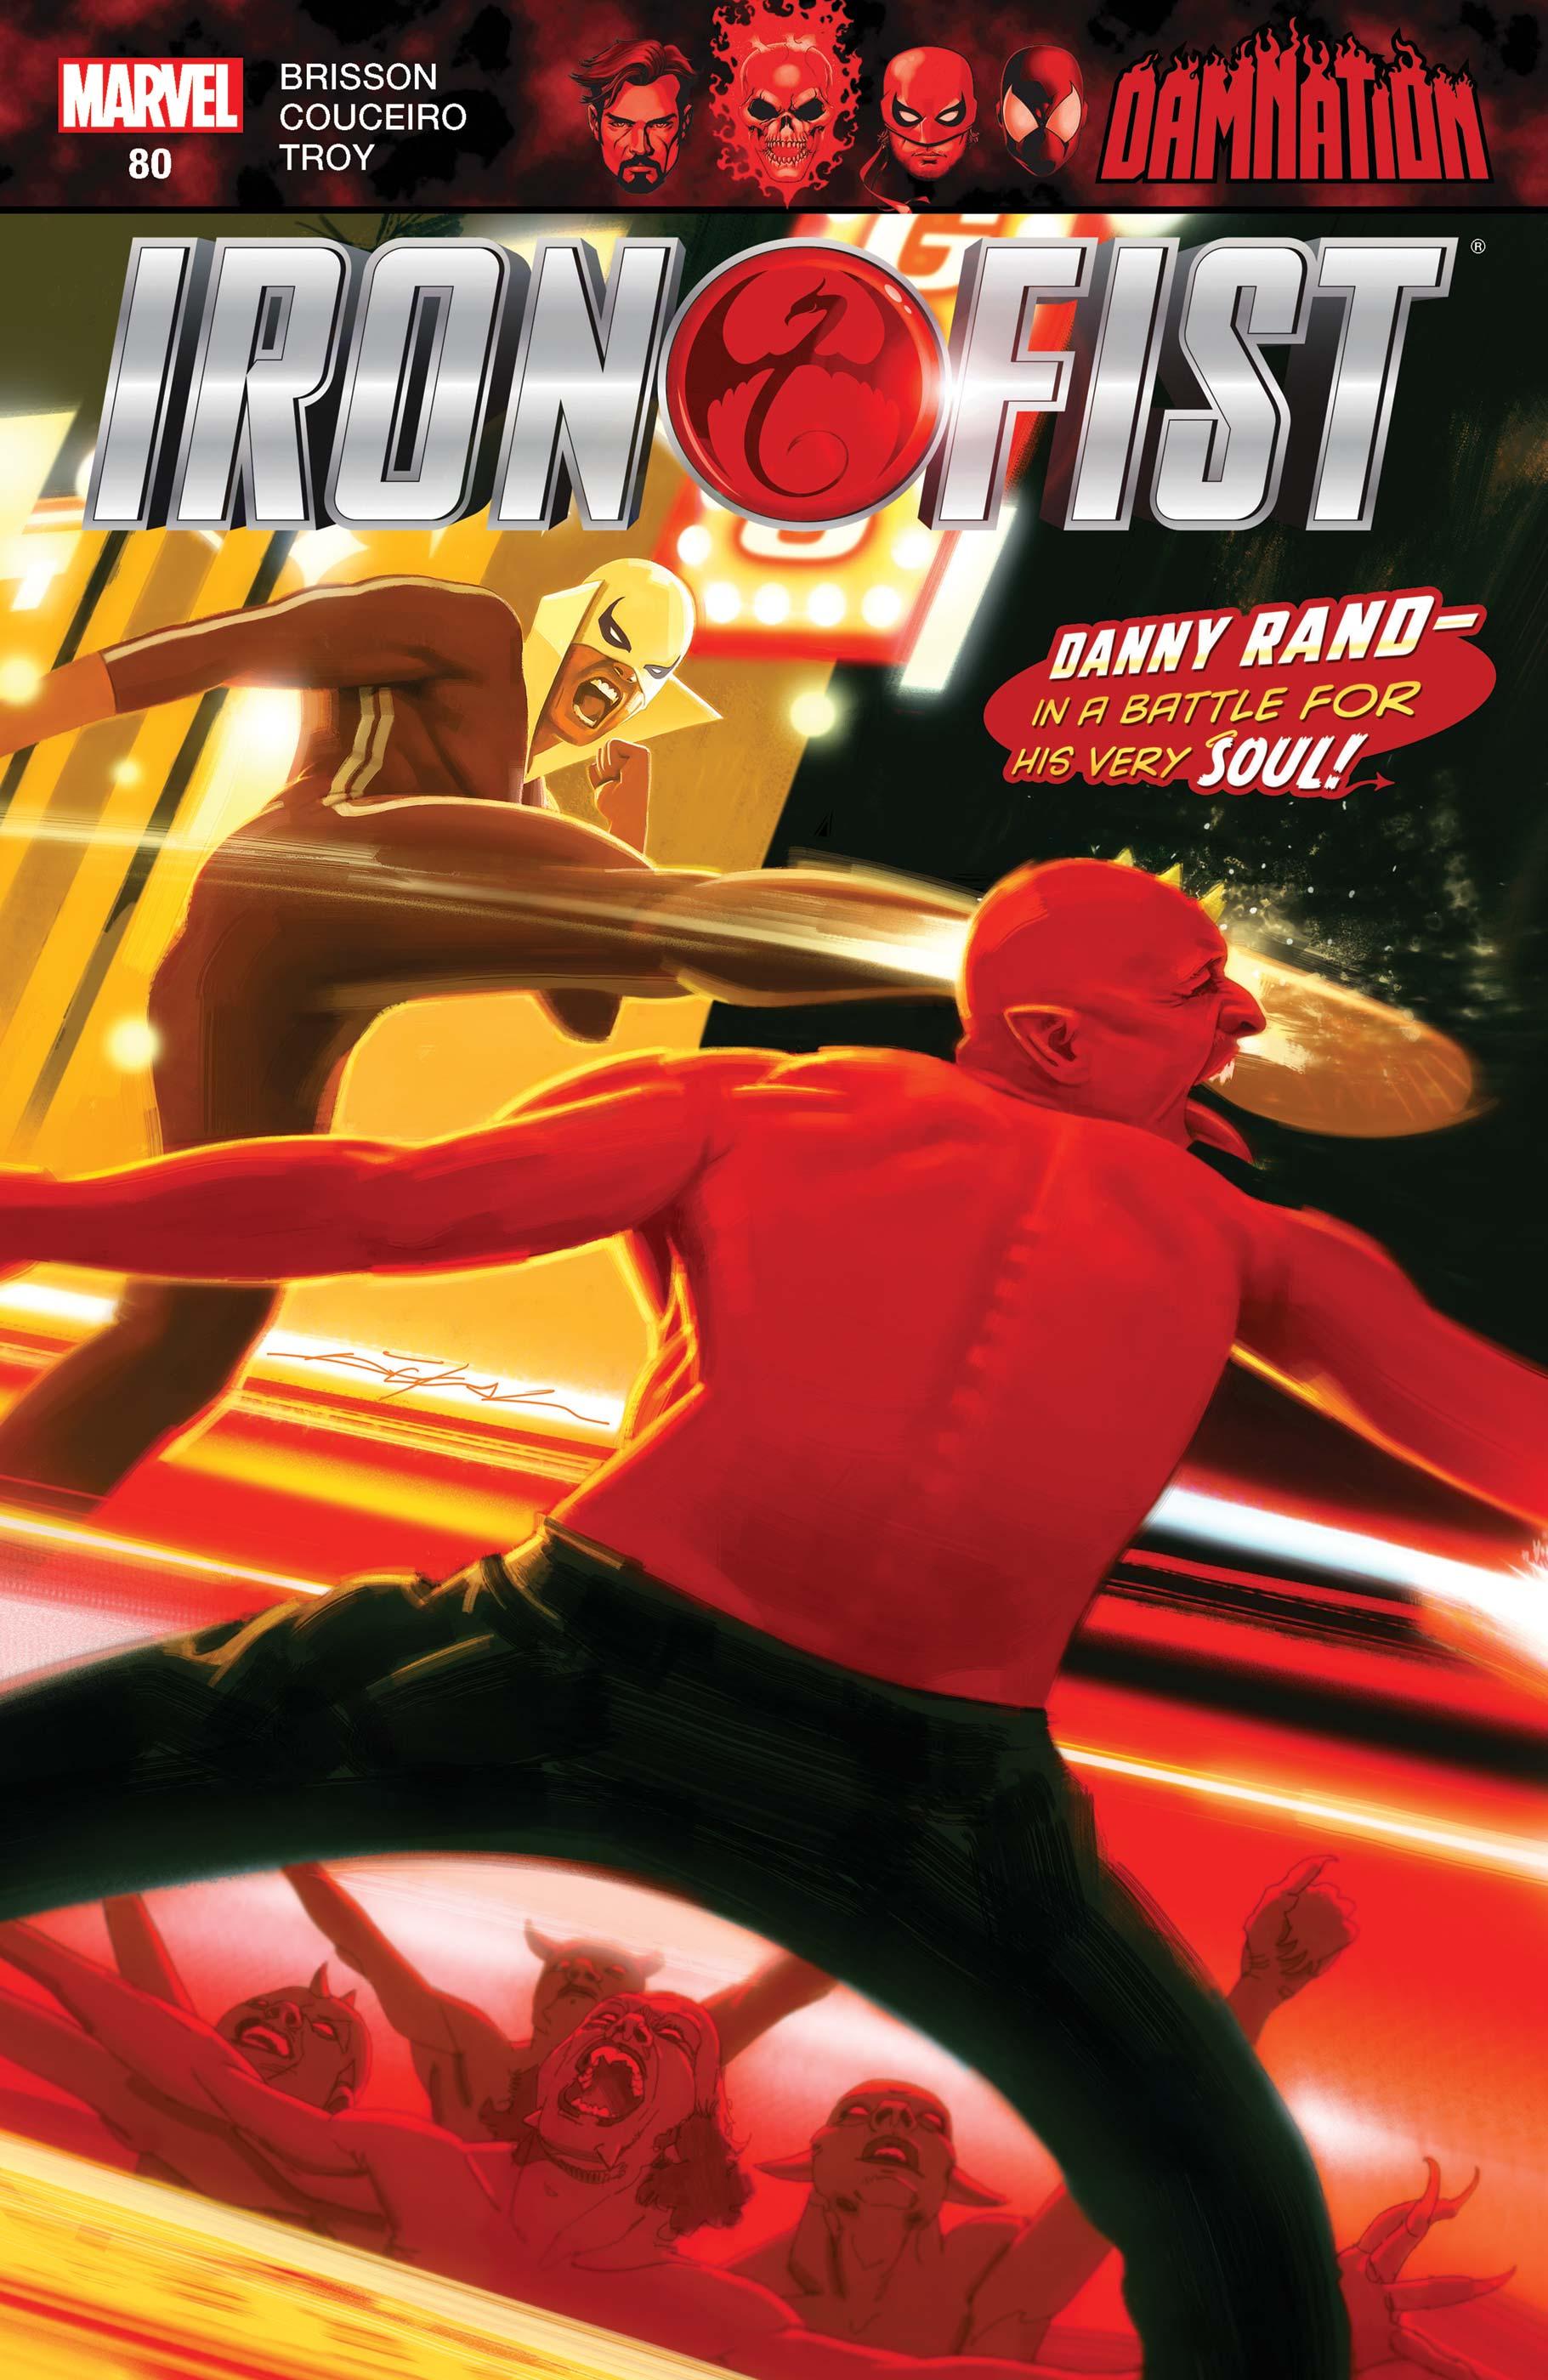 Iron Fist (2017) #80